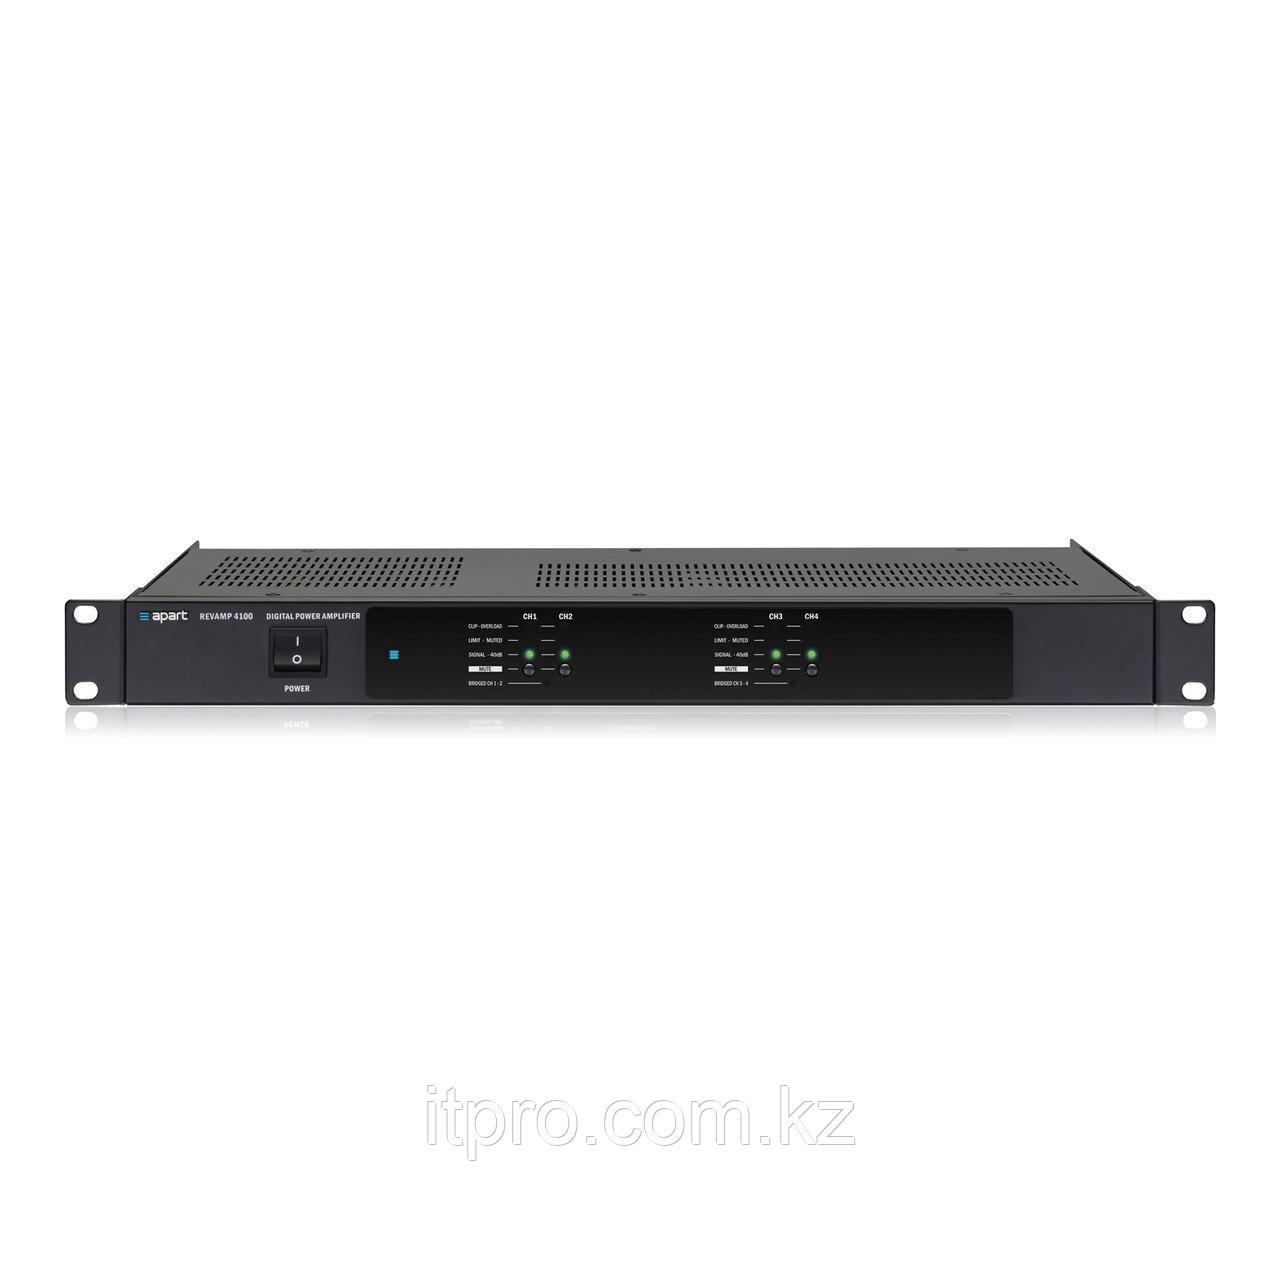 Усилитель мощности 4-х канальный Apart REVAMP4100